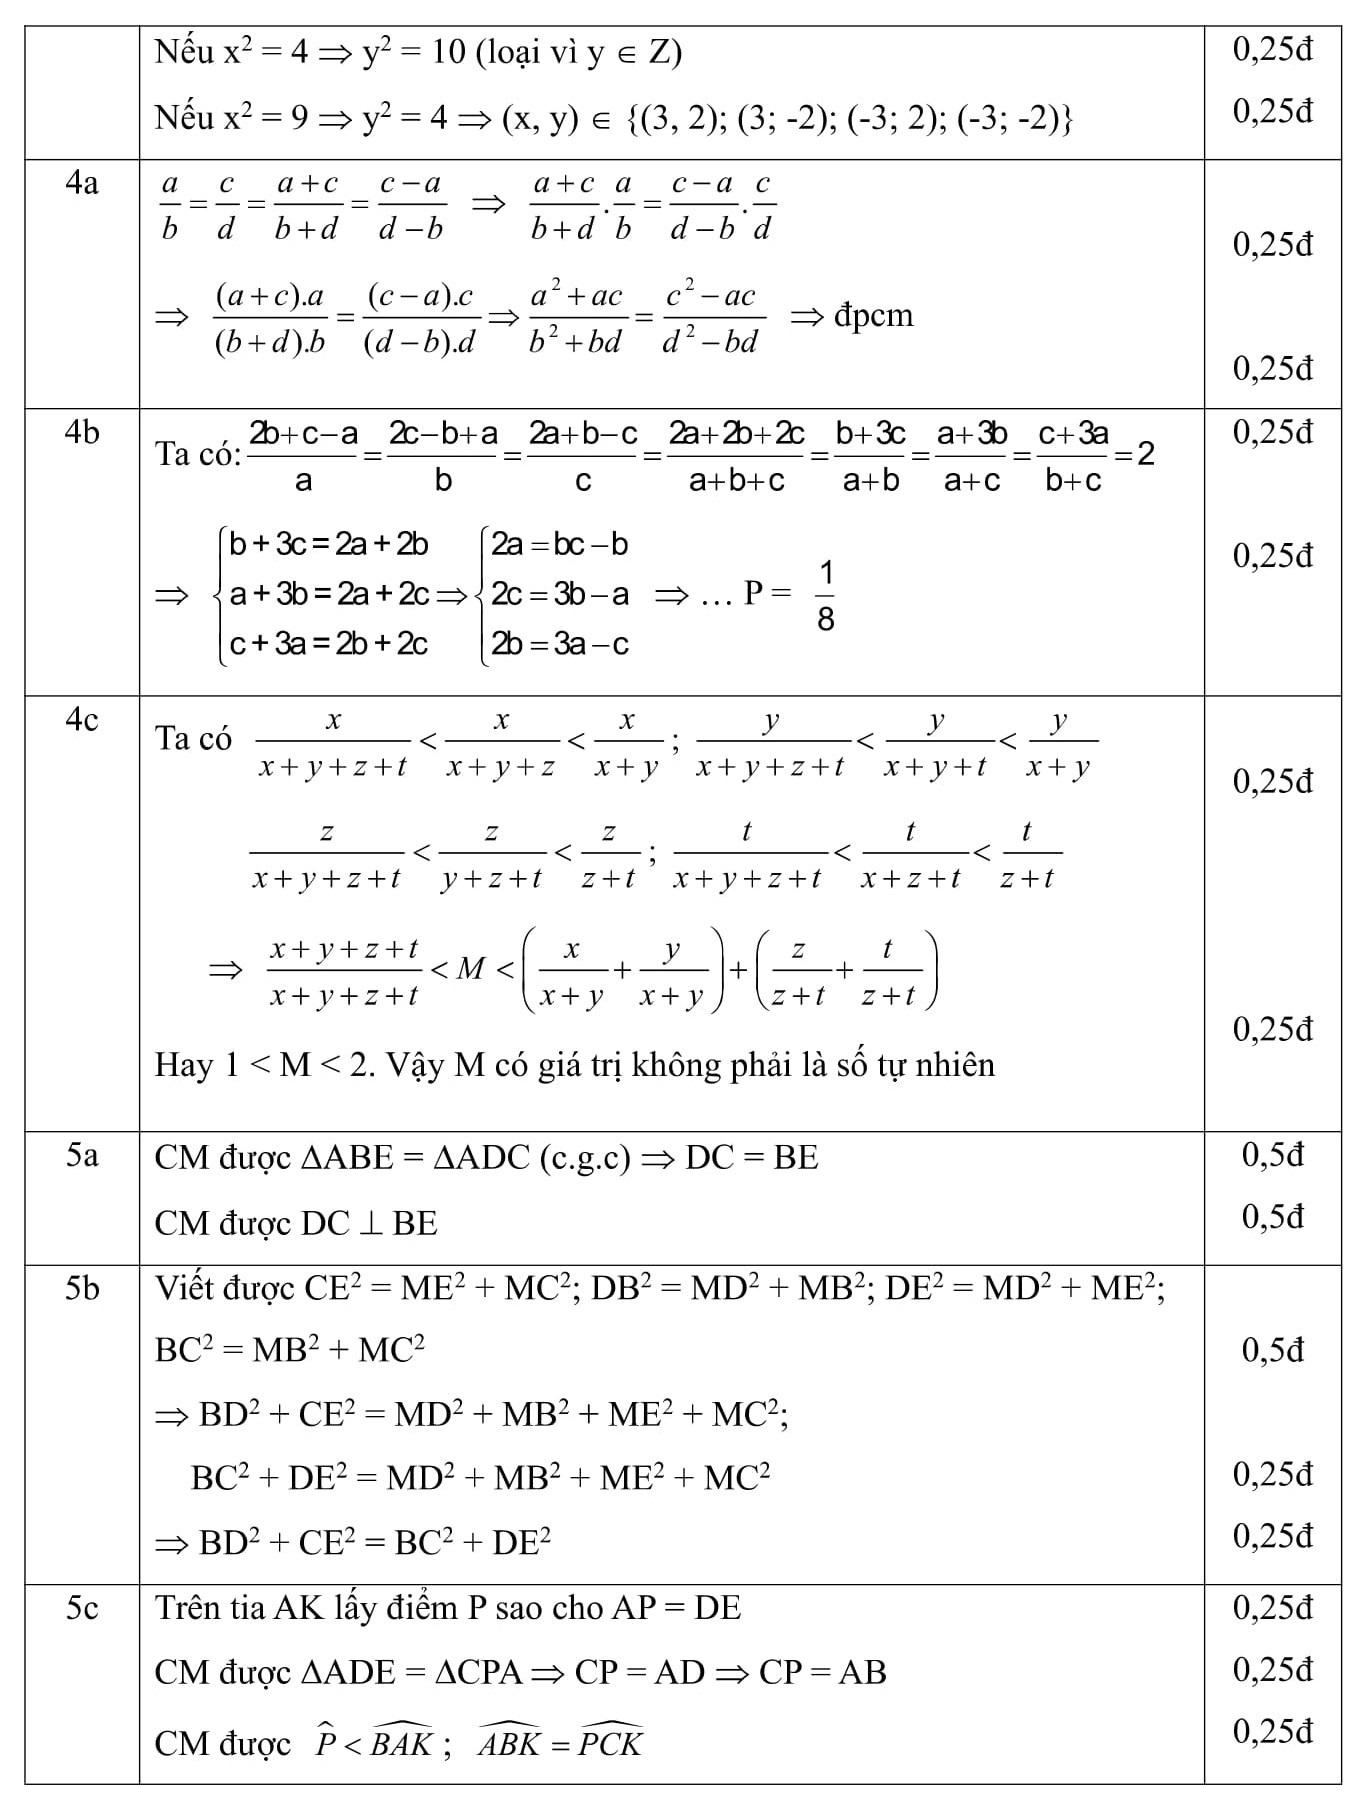 Đáp án và đề thi HSG toán 7 phòng GD&ĐT Hoằng Hóa 2016-2017